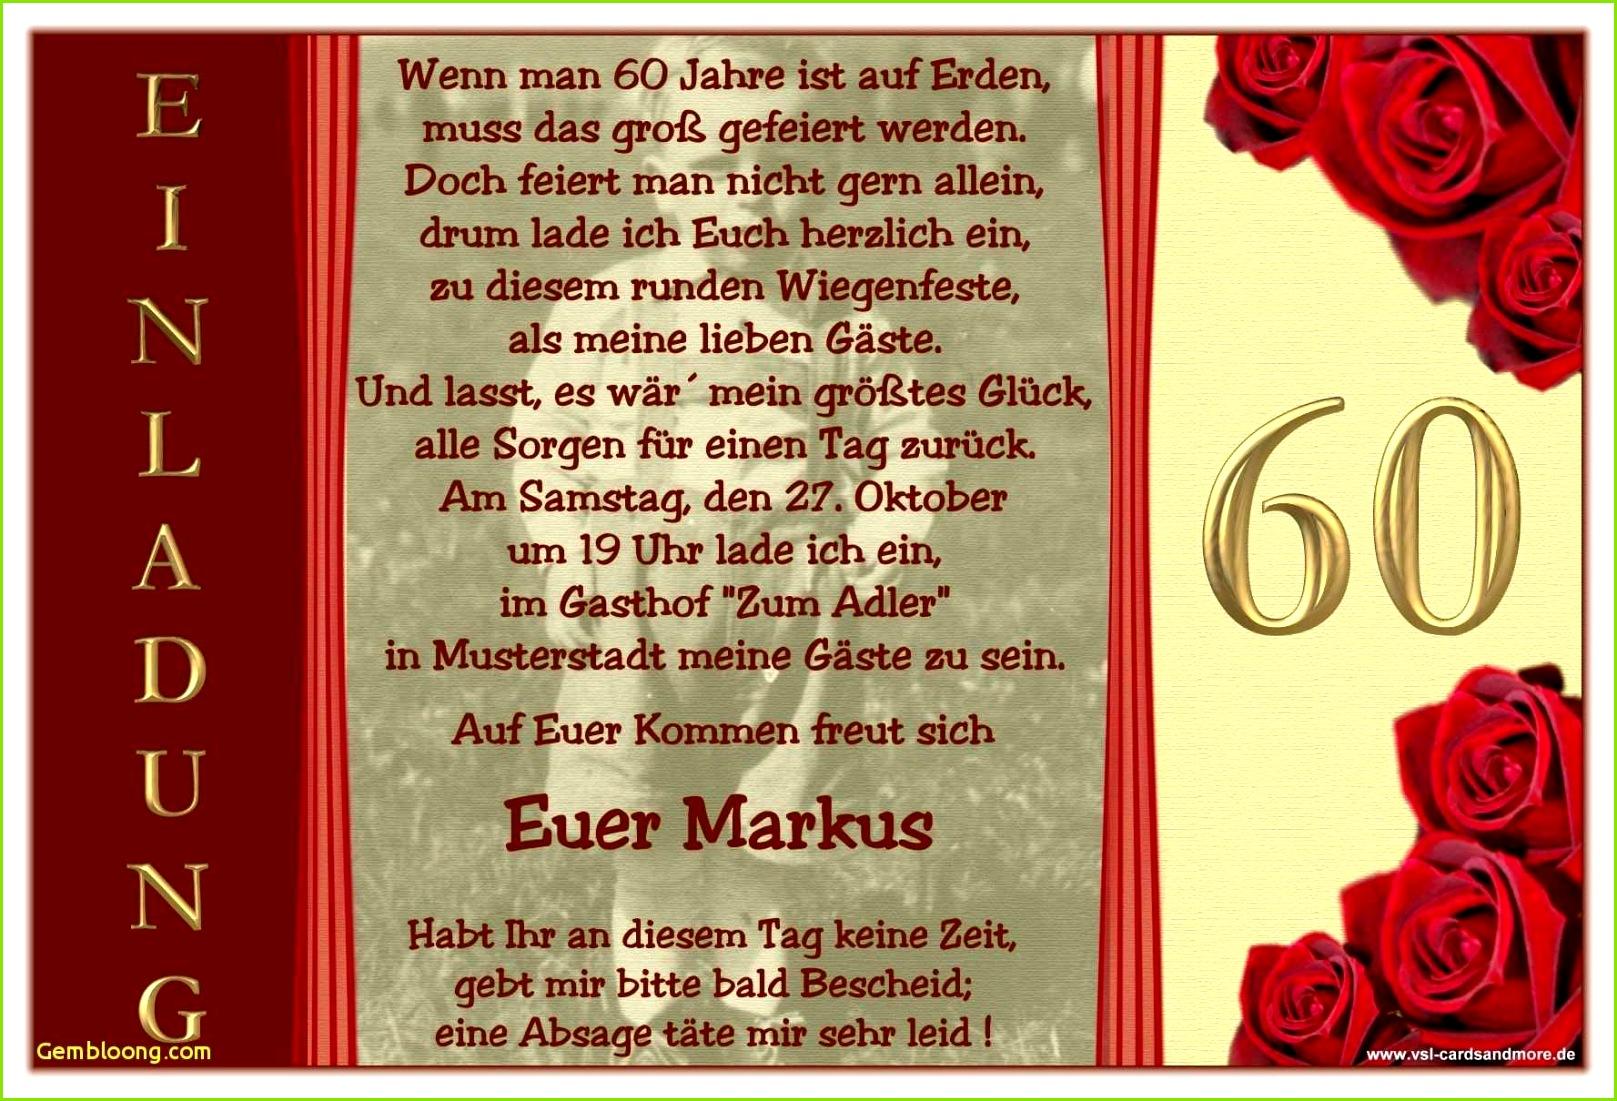 Kerzen Gestalten Vorlagen Editierbar Einladungskarten Gestalten Neu Einladungen Zum Geburtstag Selbst 25 Die Besten Kerzen